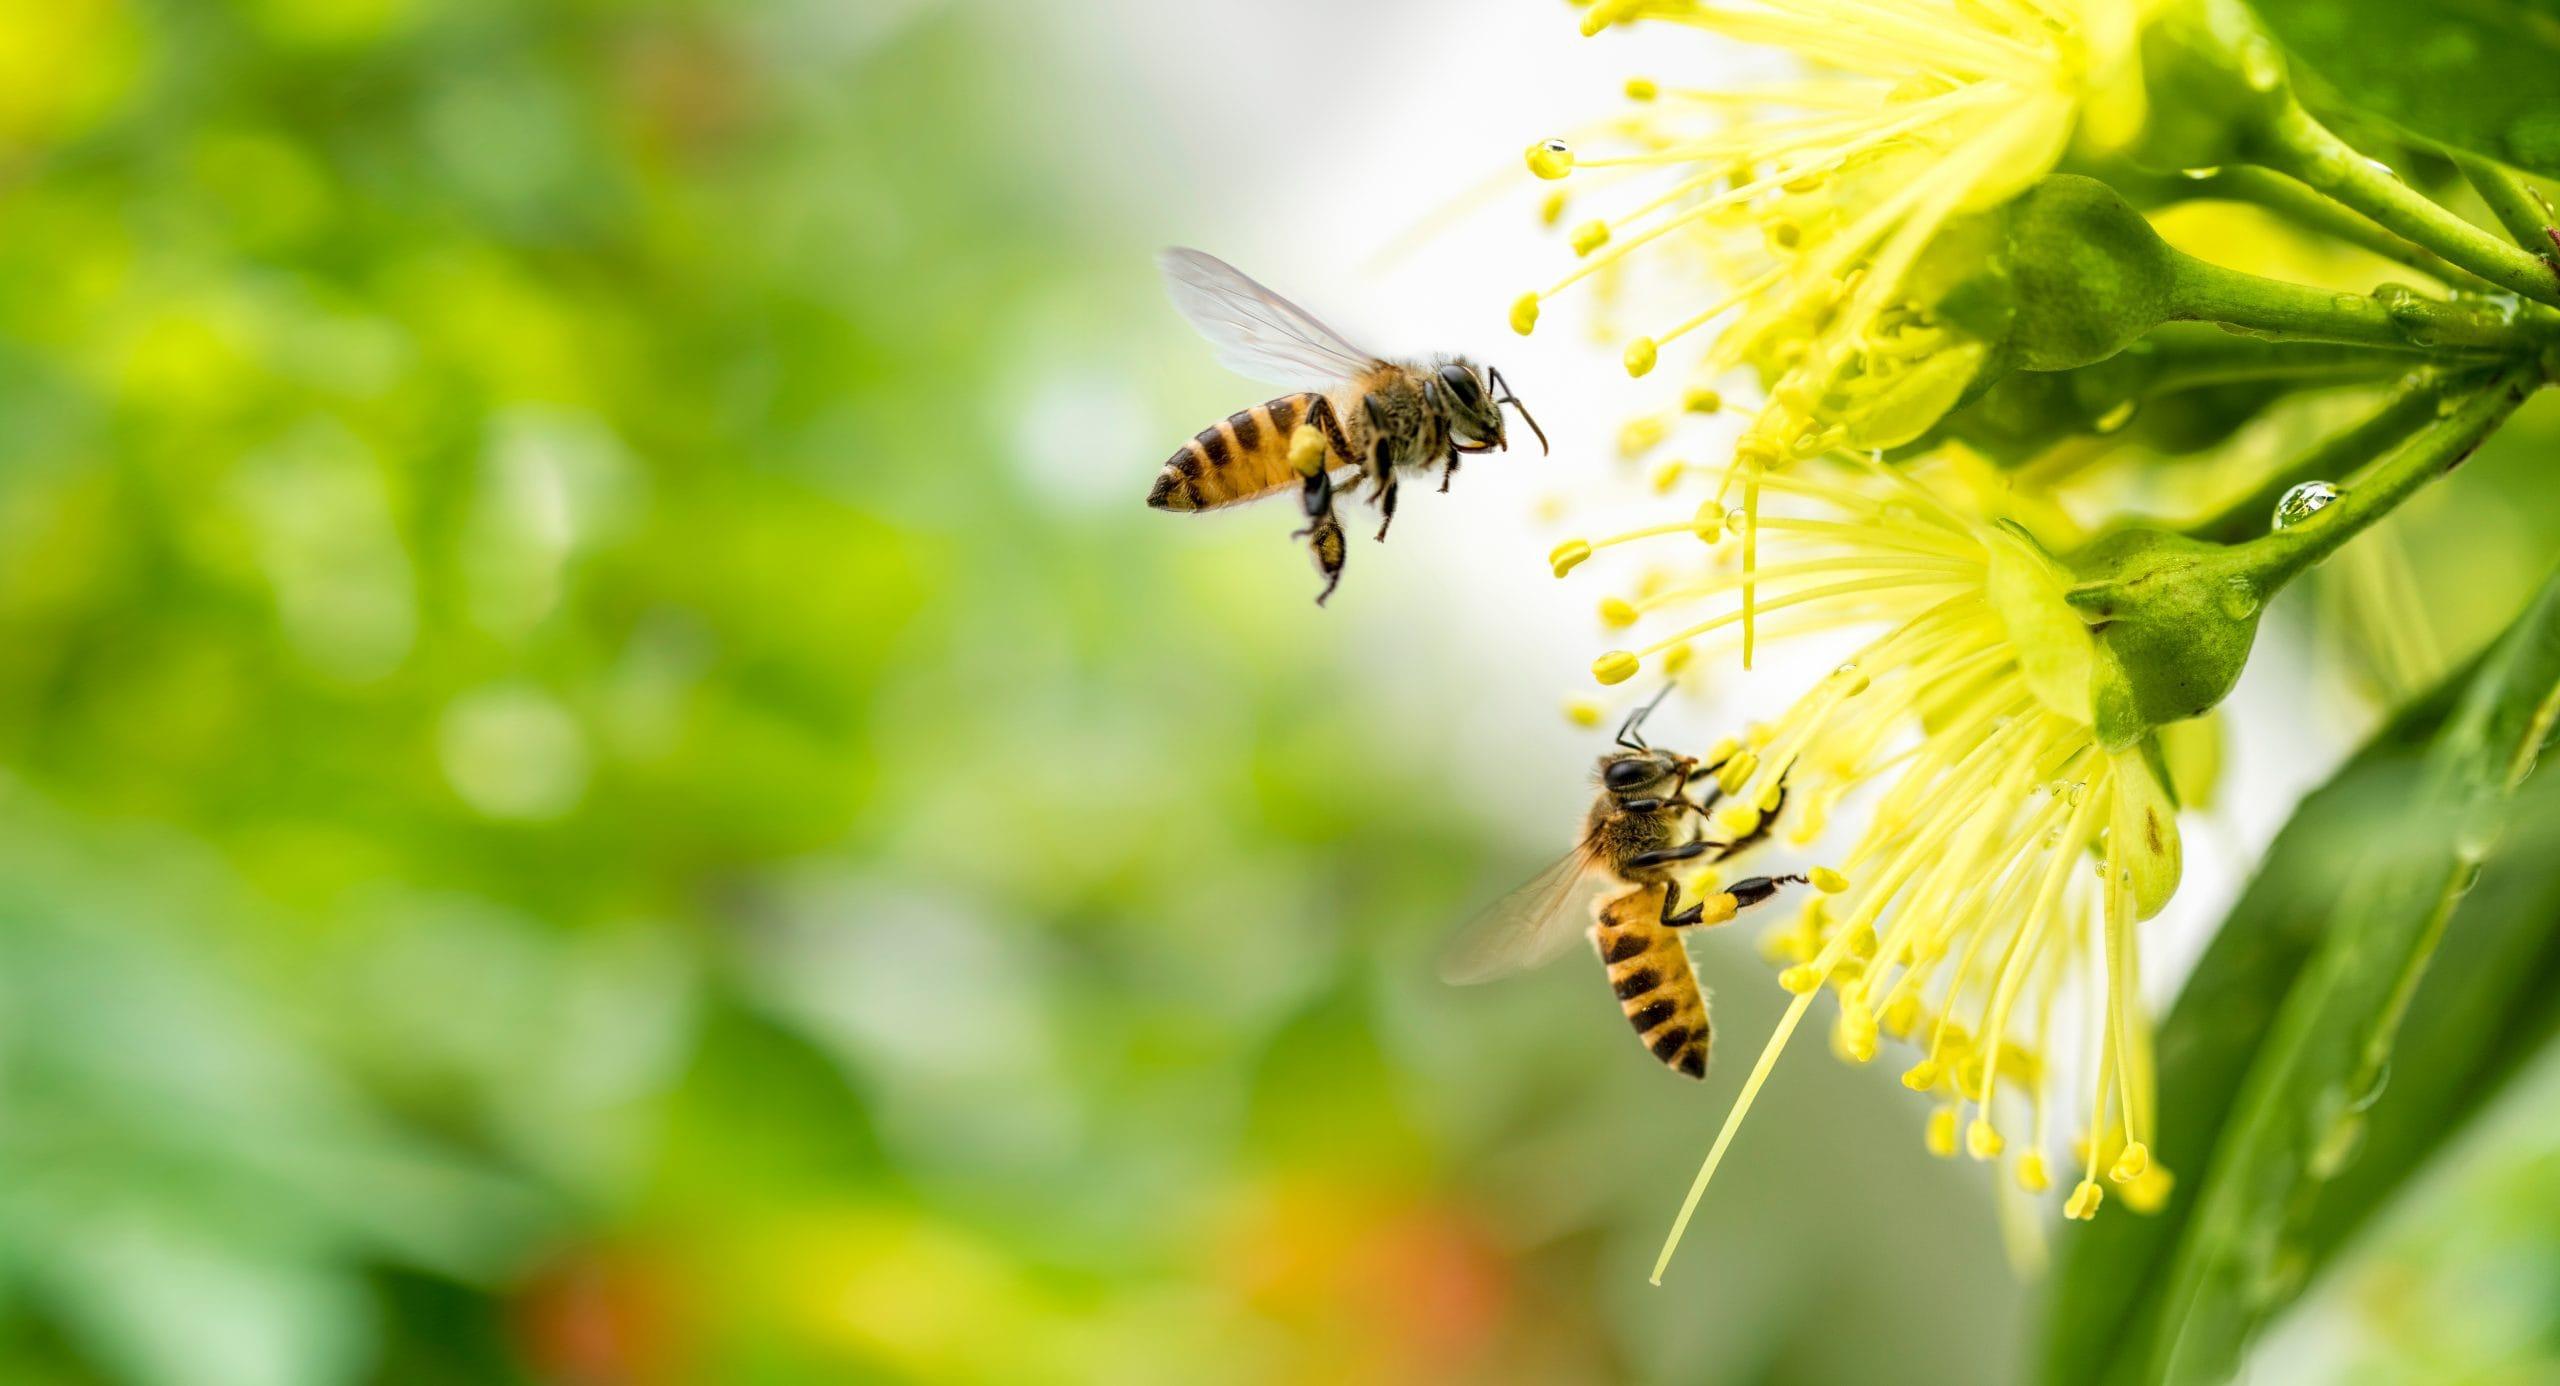 Beste Ethereum-Dokumentation sammelt über 1,8 Millionen US-Dollar ein- Fleißig wie Bienen